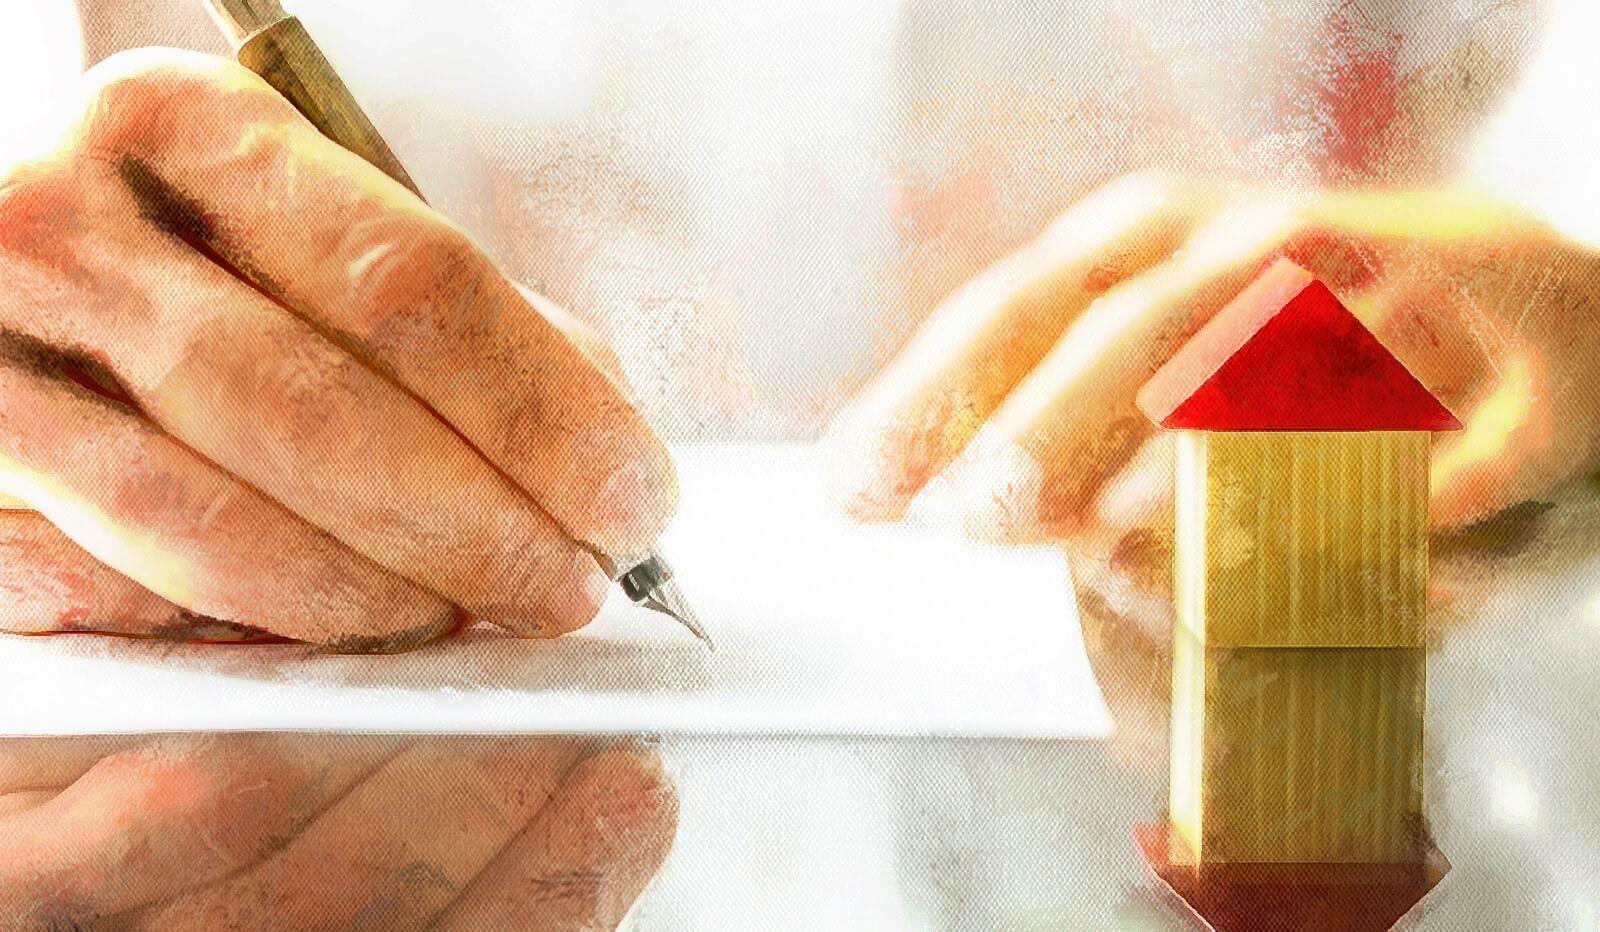 Ипотека для ИП - особенности ипотеки для индивидуальных предпринимателей.